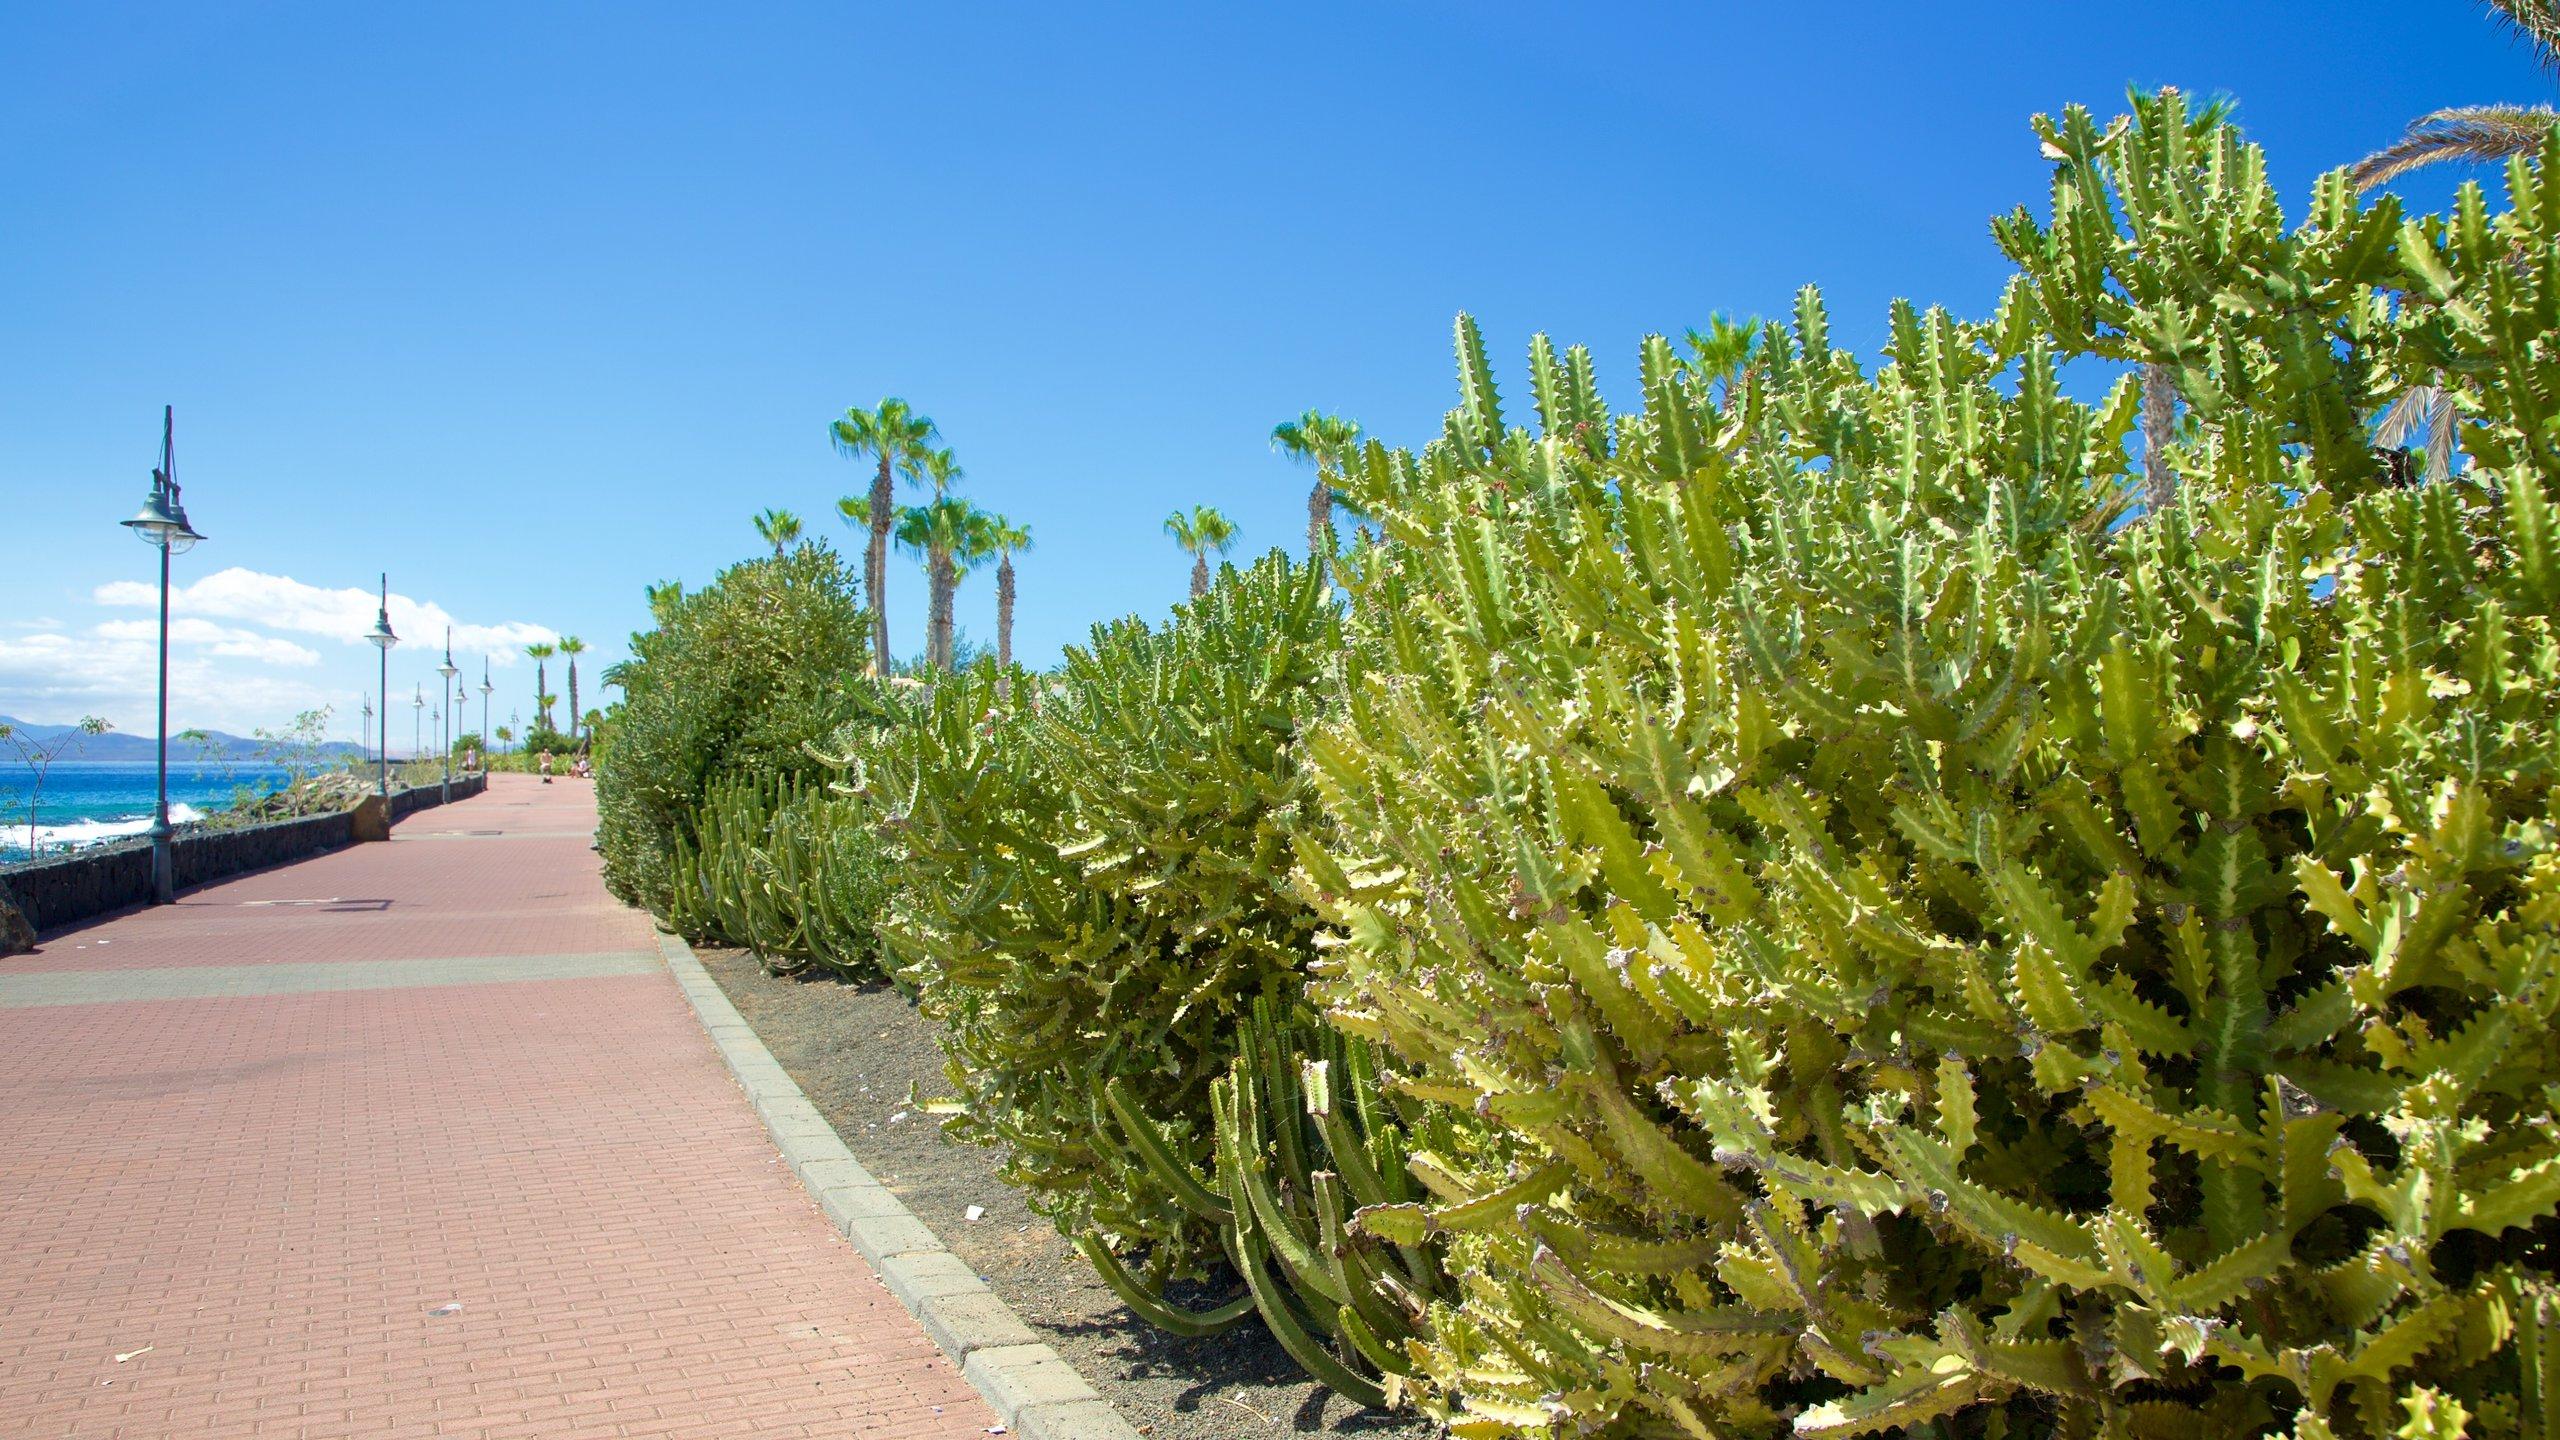 Playa Blanca, Yaiza, Las Palmas, Canary Islands, Spain